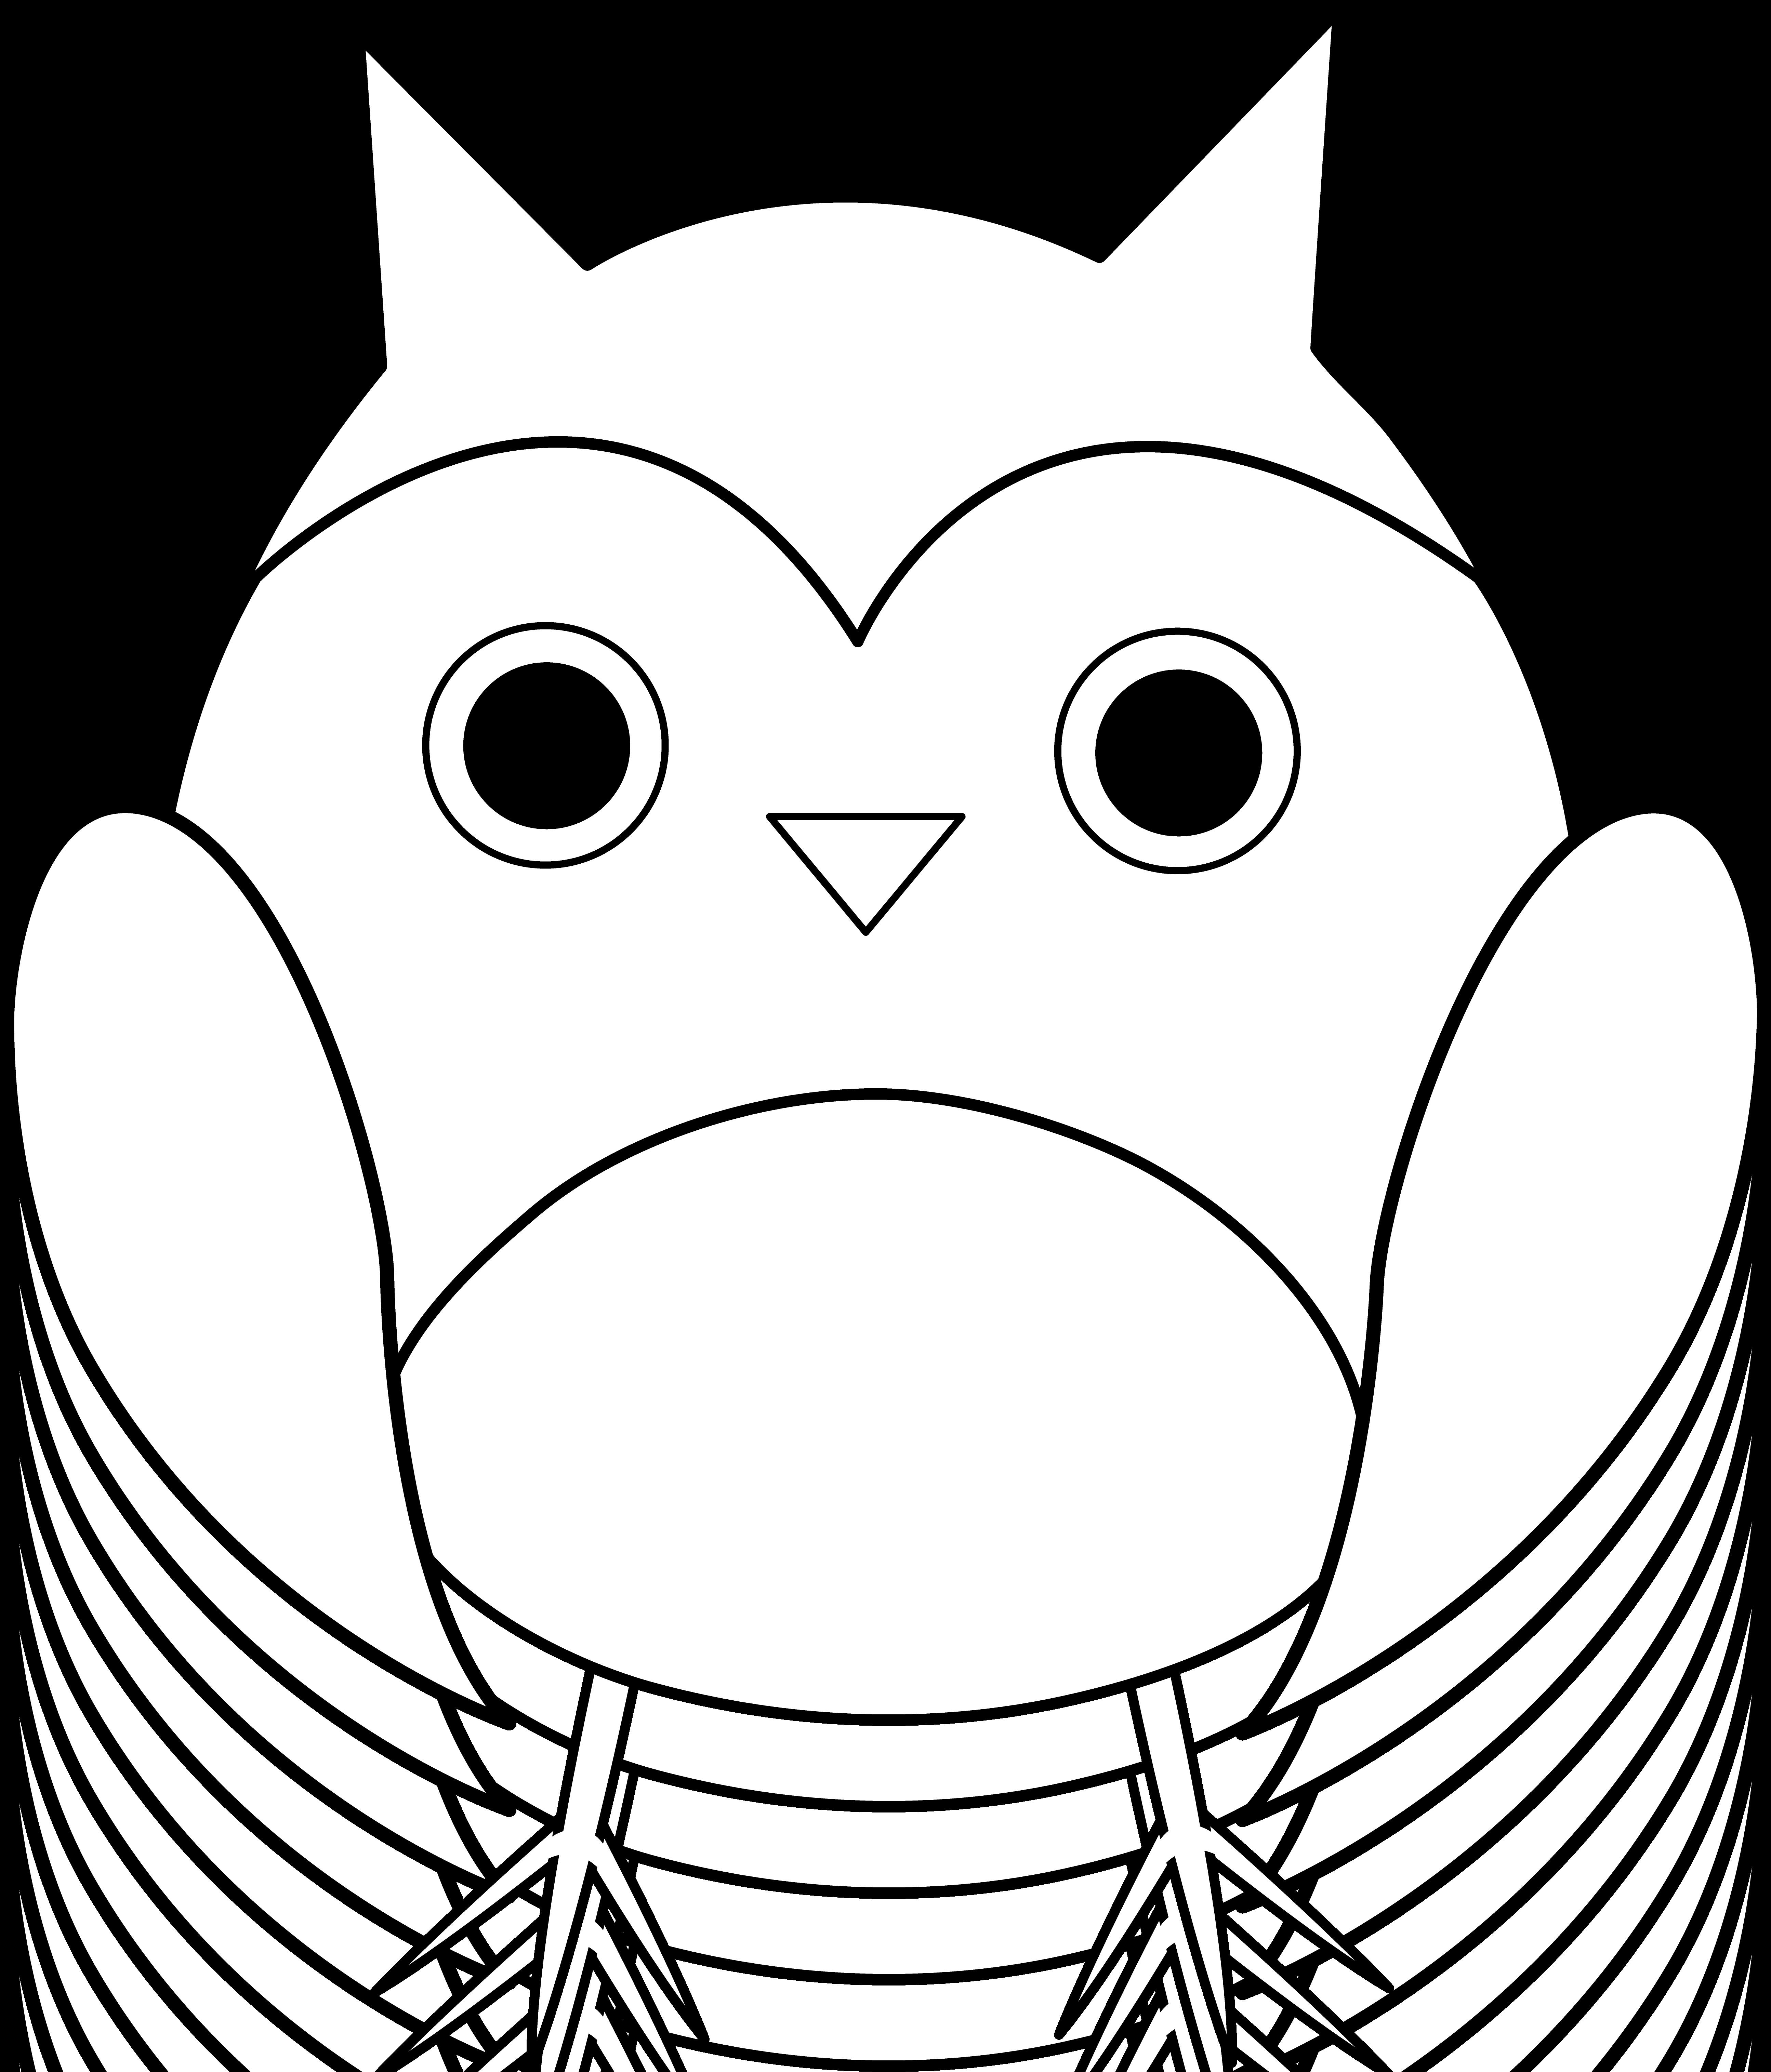 Owl line art free. Club clipart cute